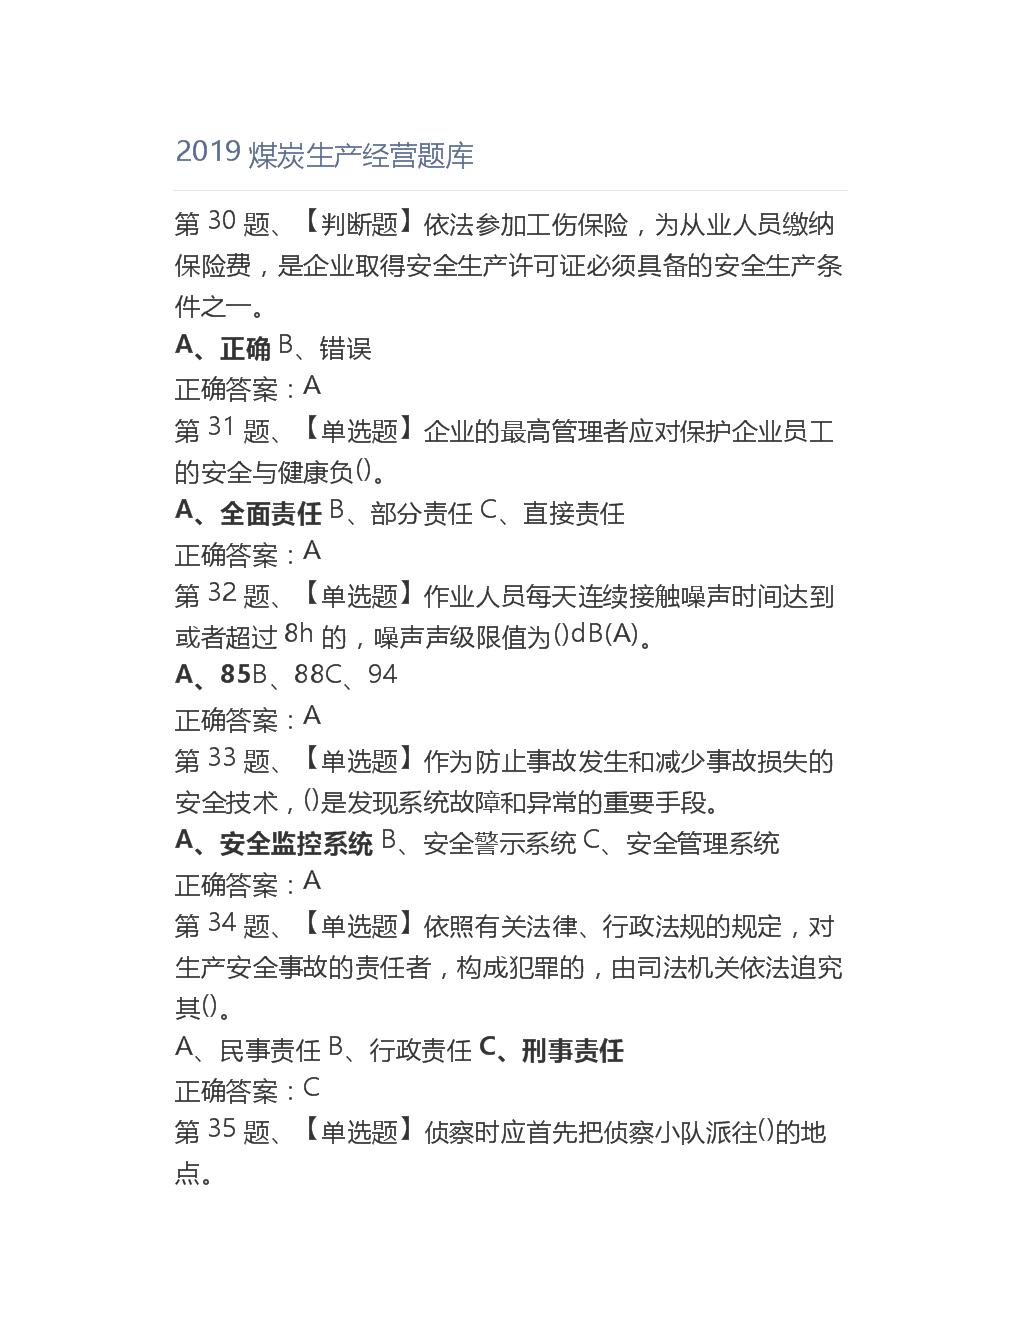 2019煤炭生产经营题库.doc